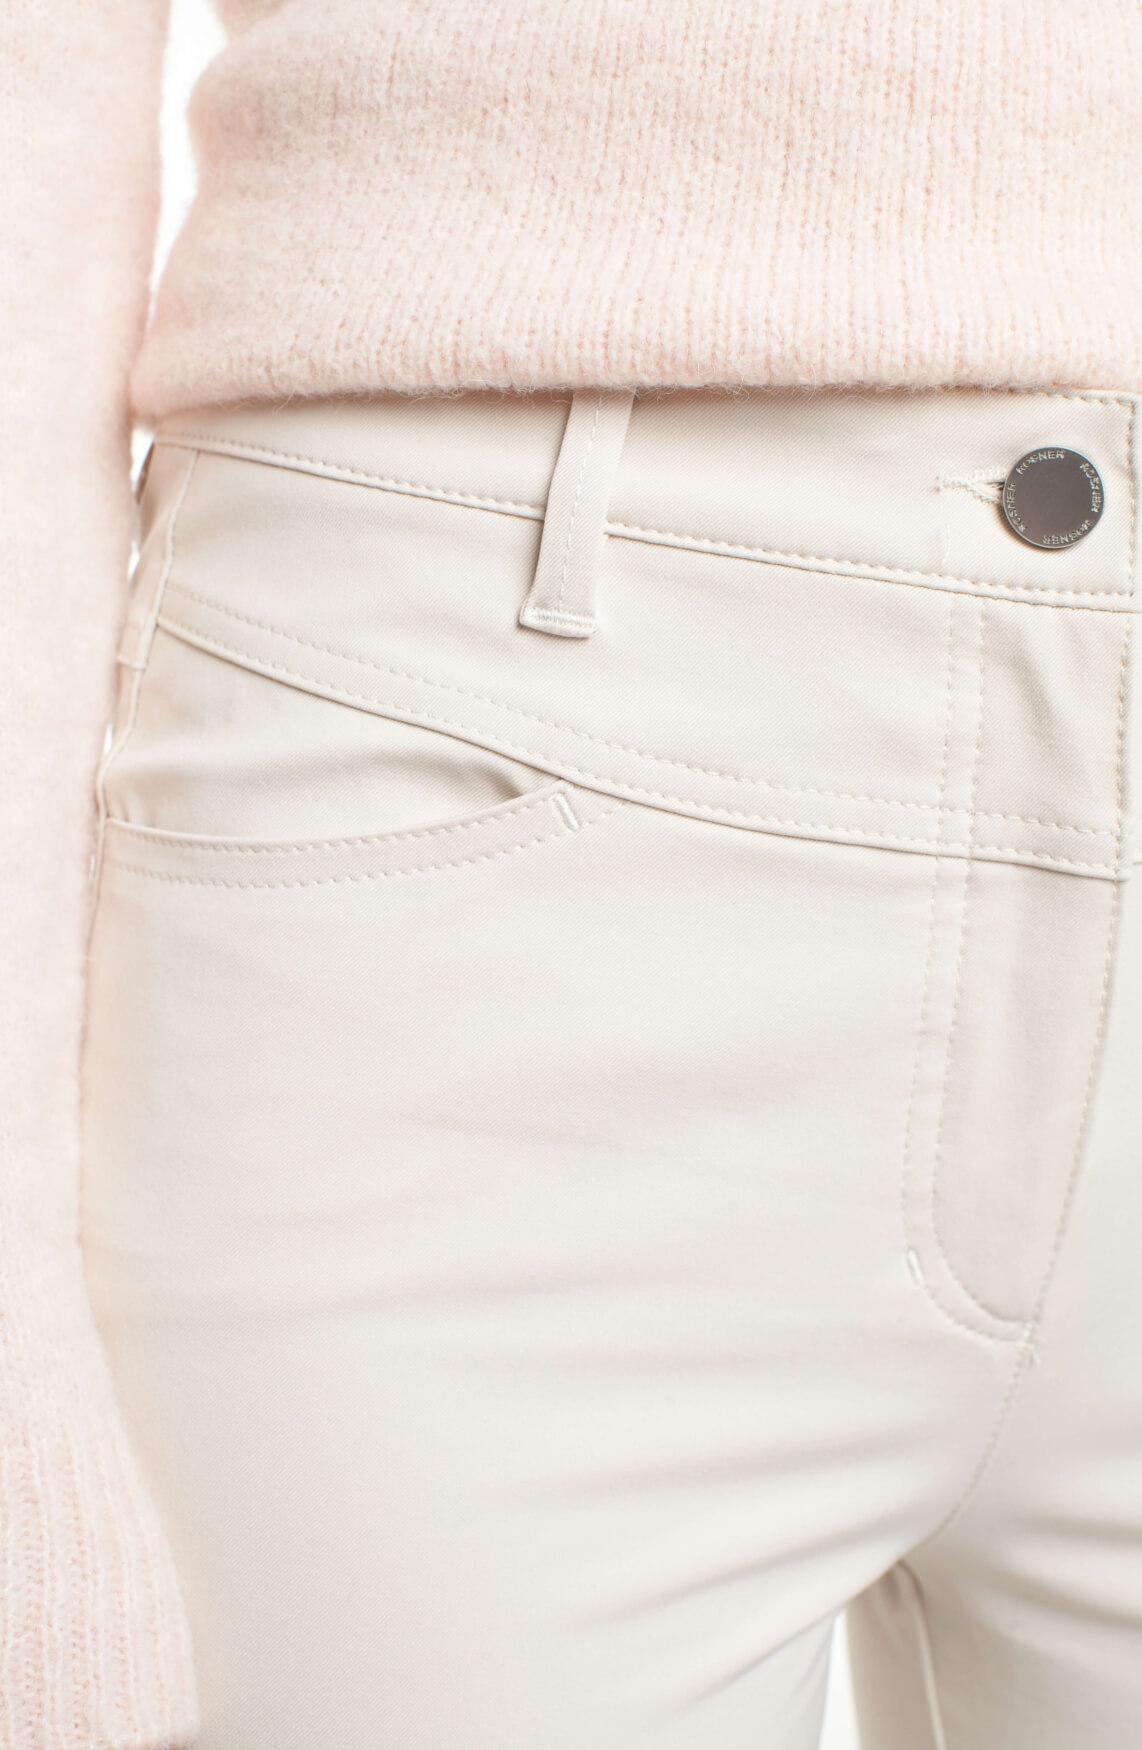 Rosner Dames Audrey bodyshaping pantalon Ecru